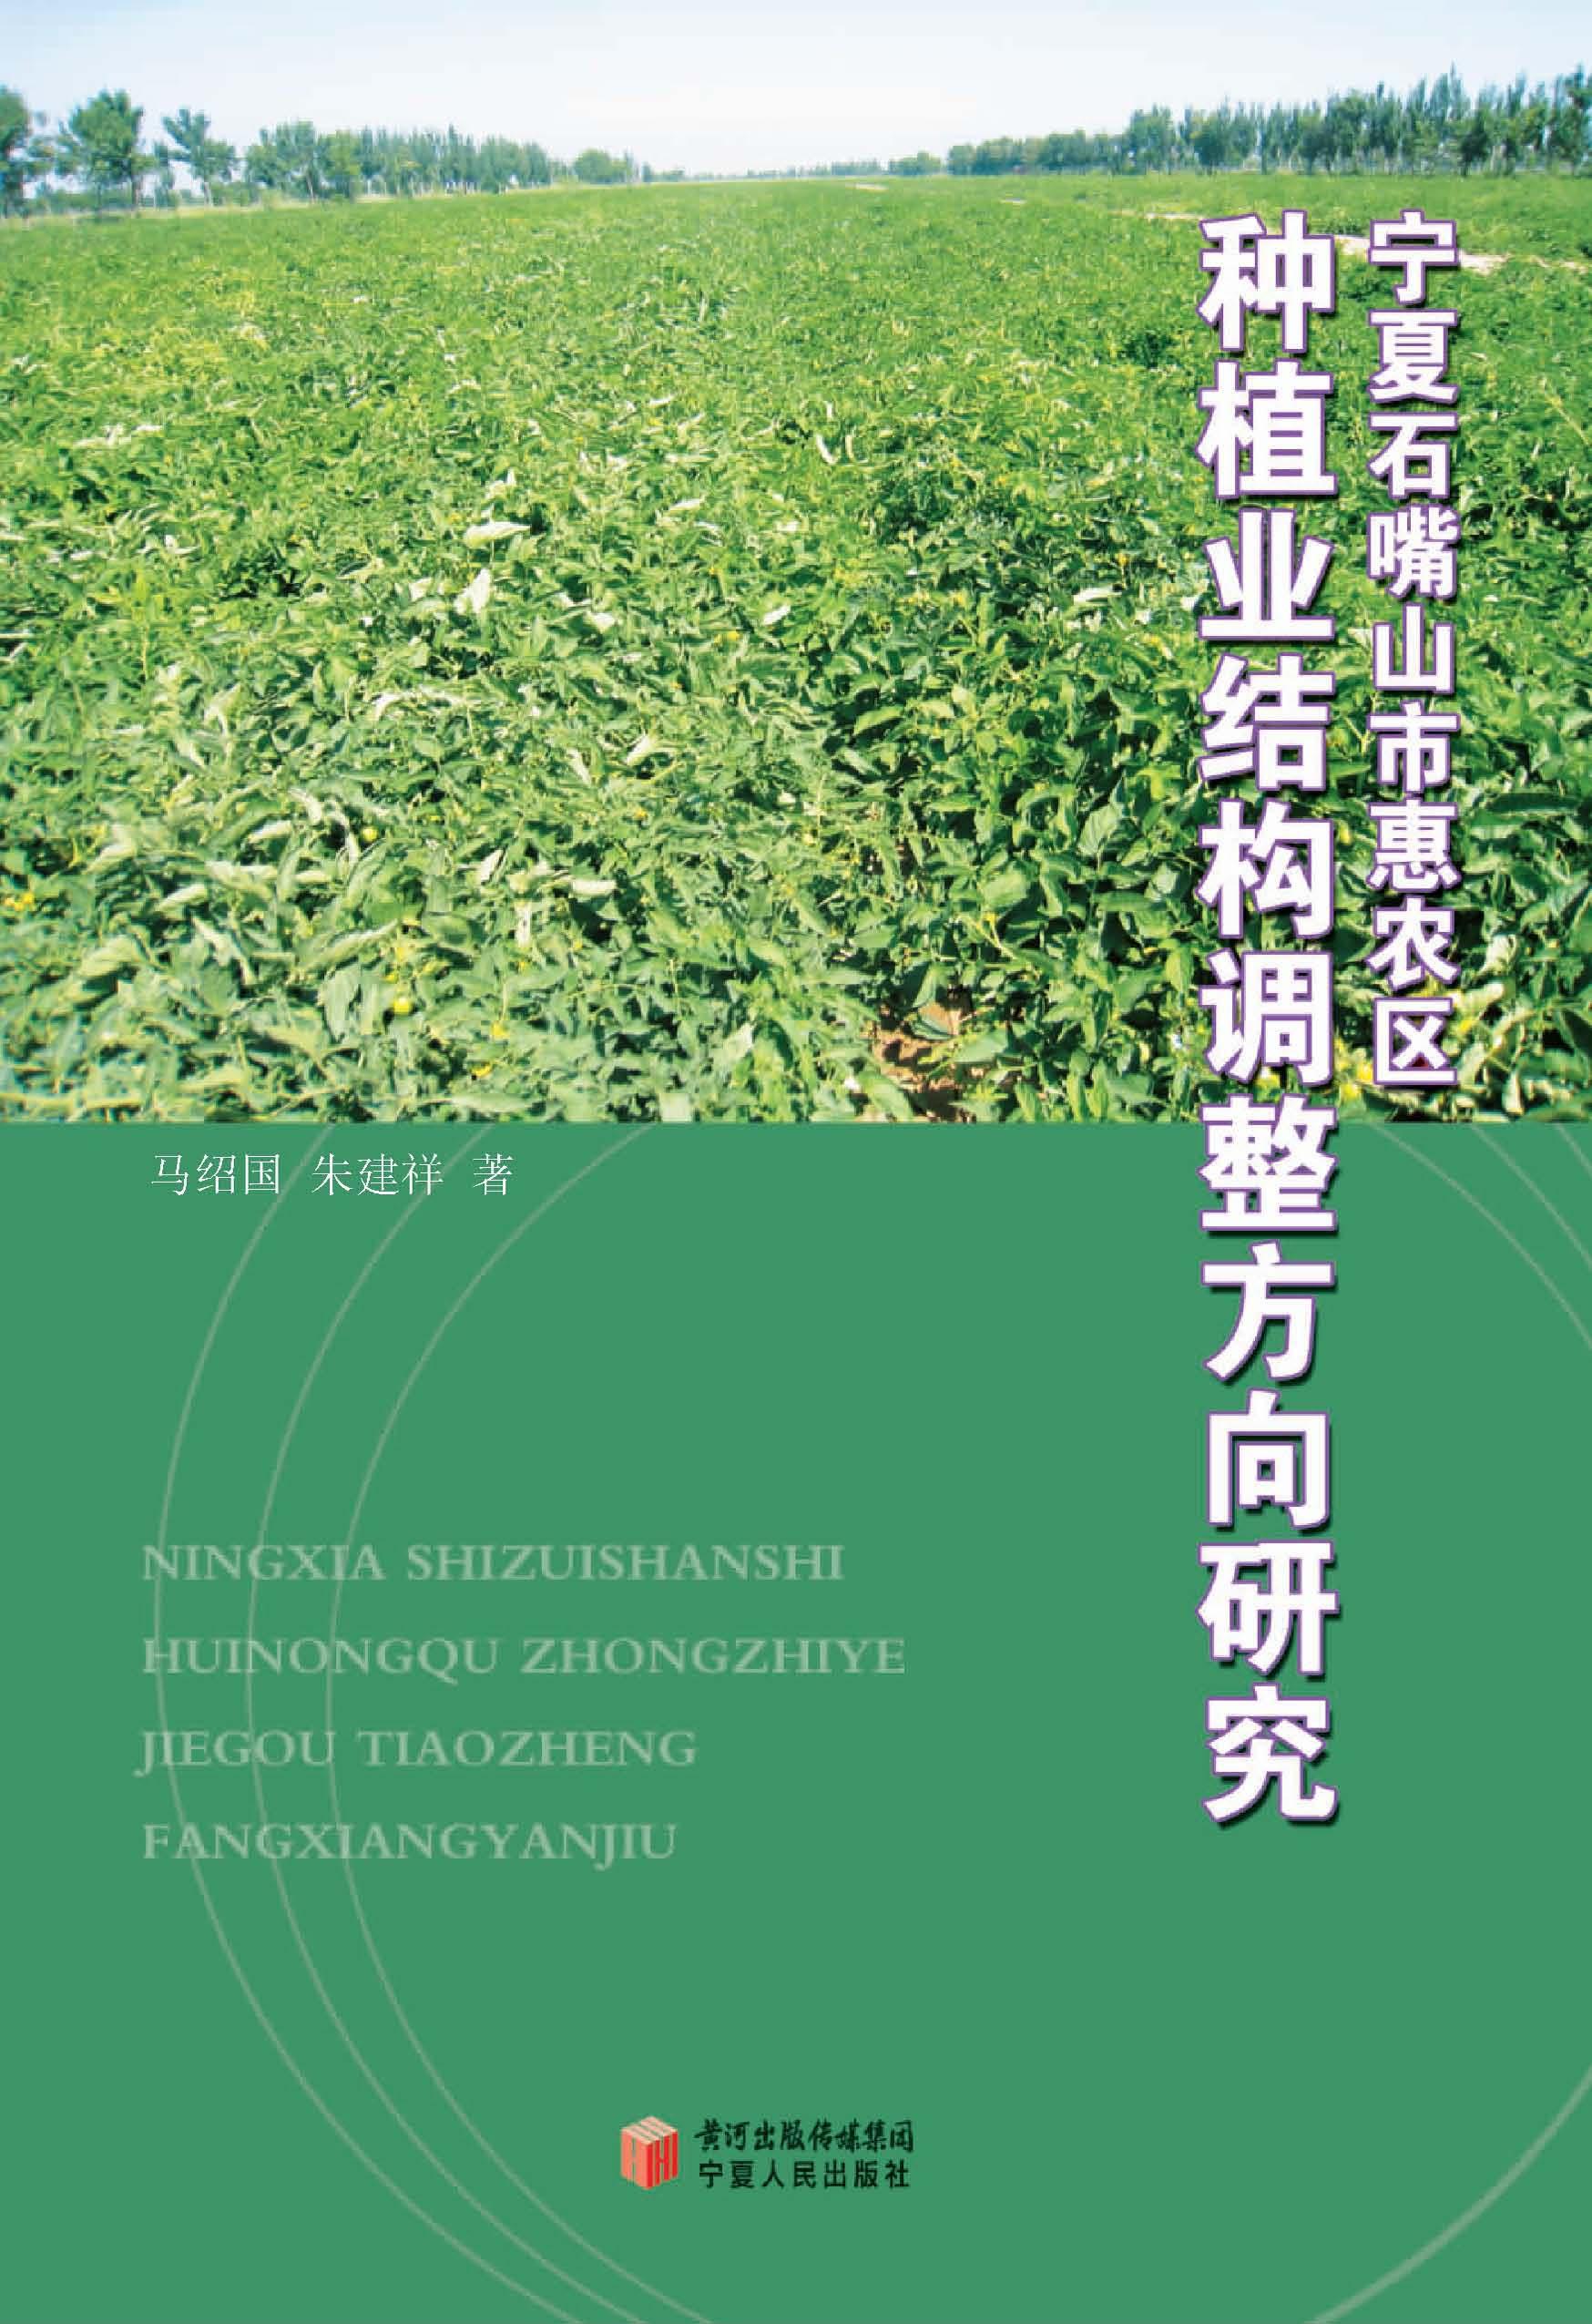 宁夏石嘴山市惠农区种植业结构调整方向研究